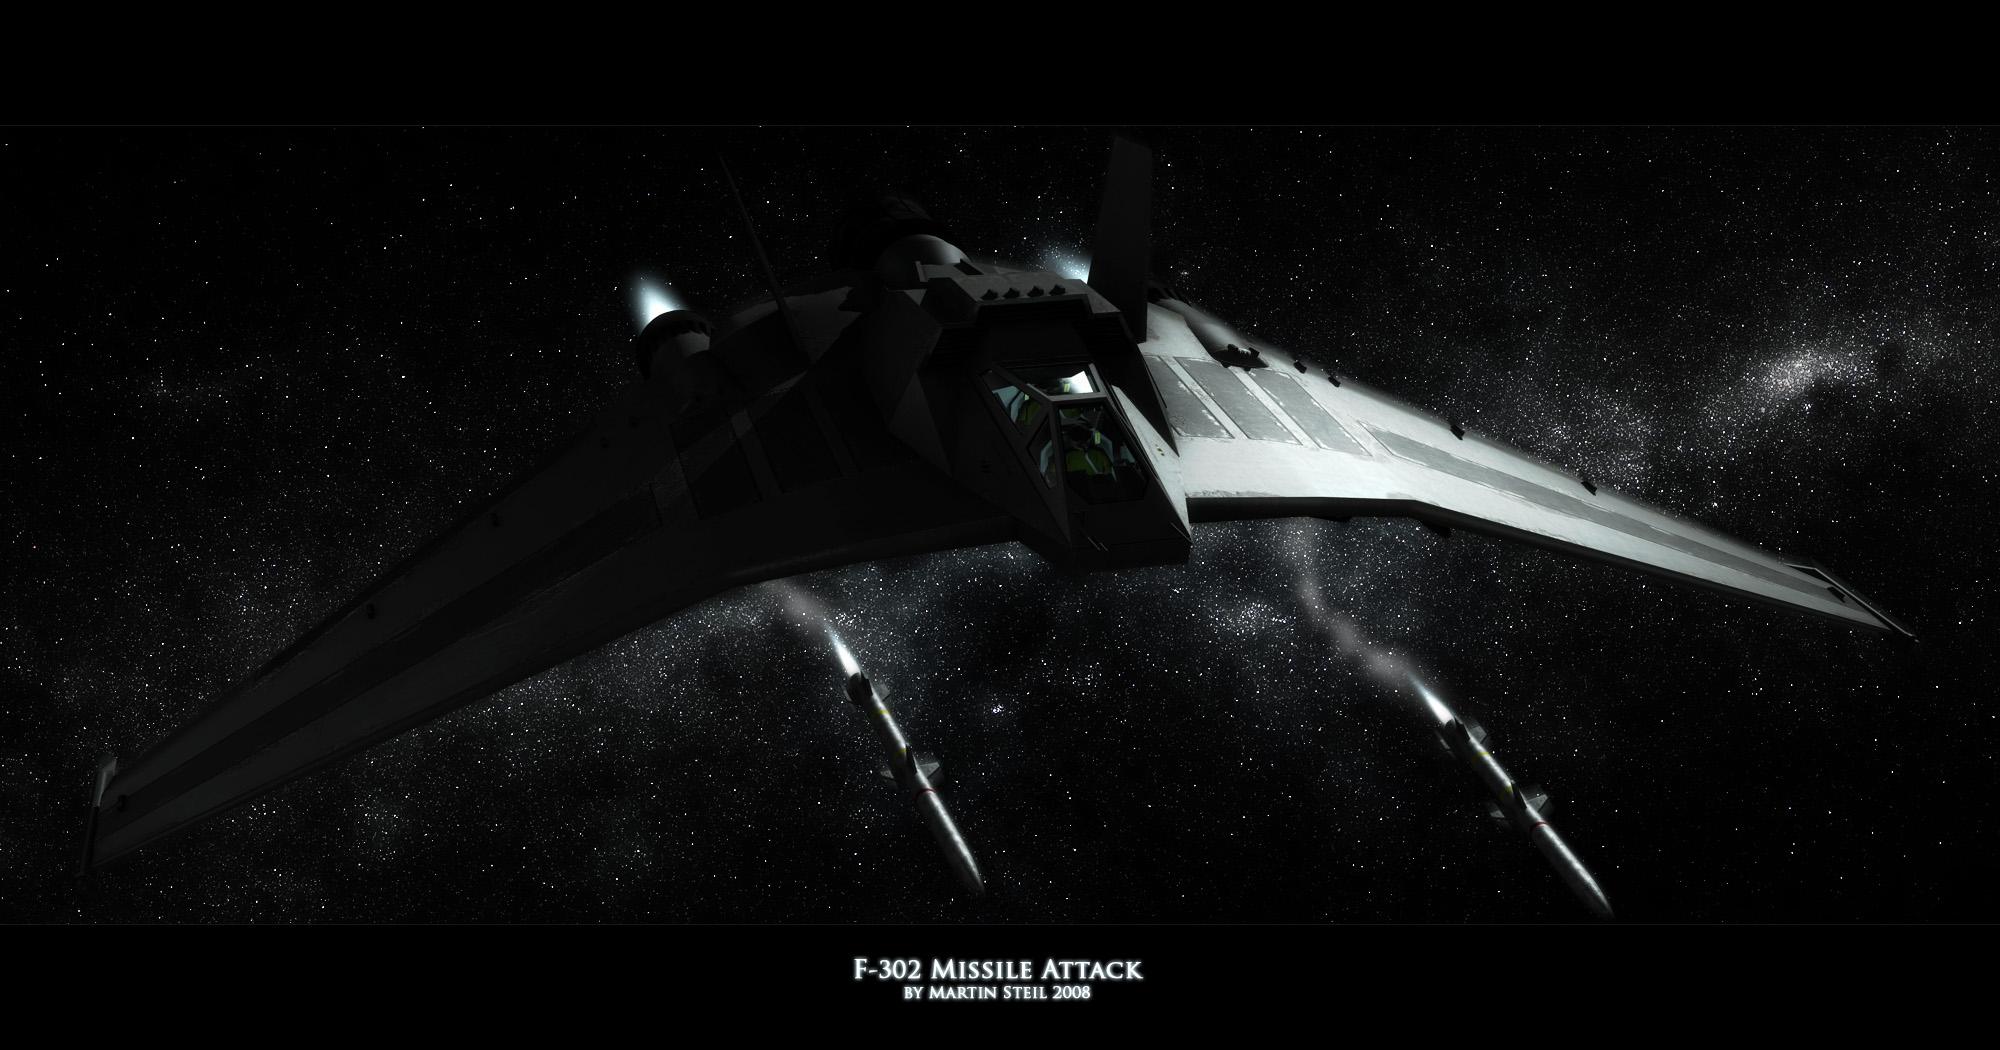 F-302 Missile attack by SGA-Maddin